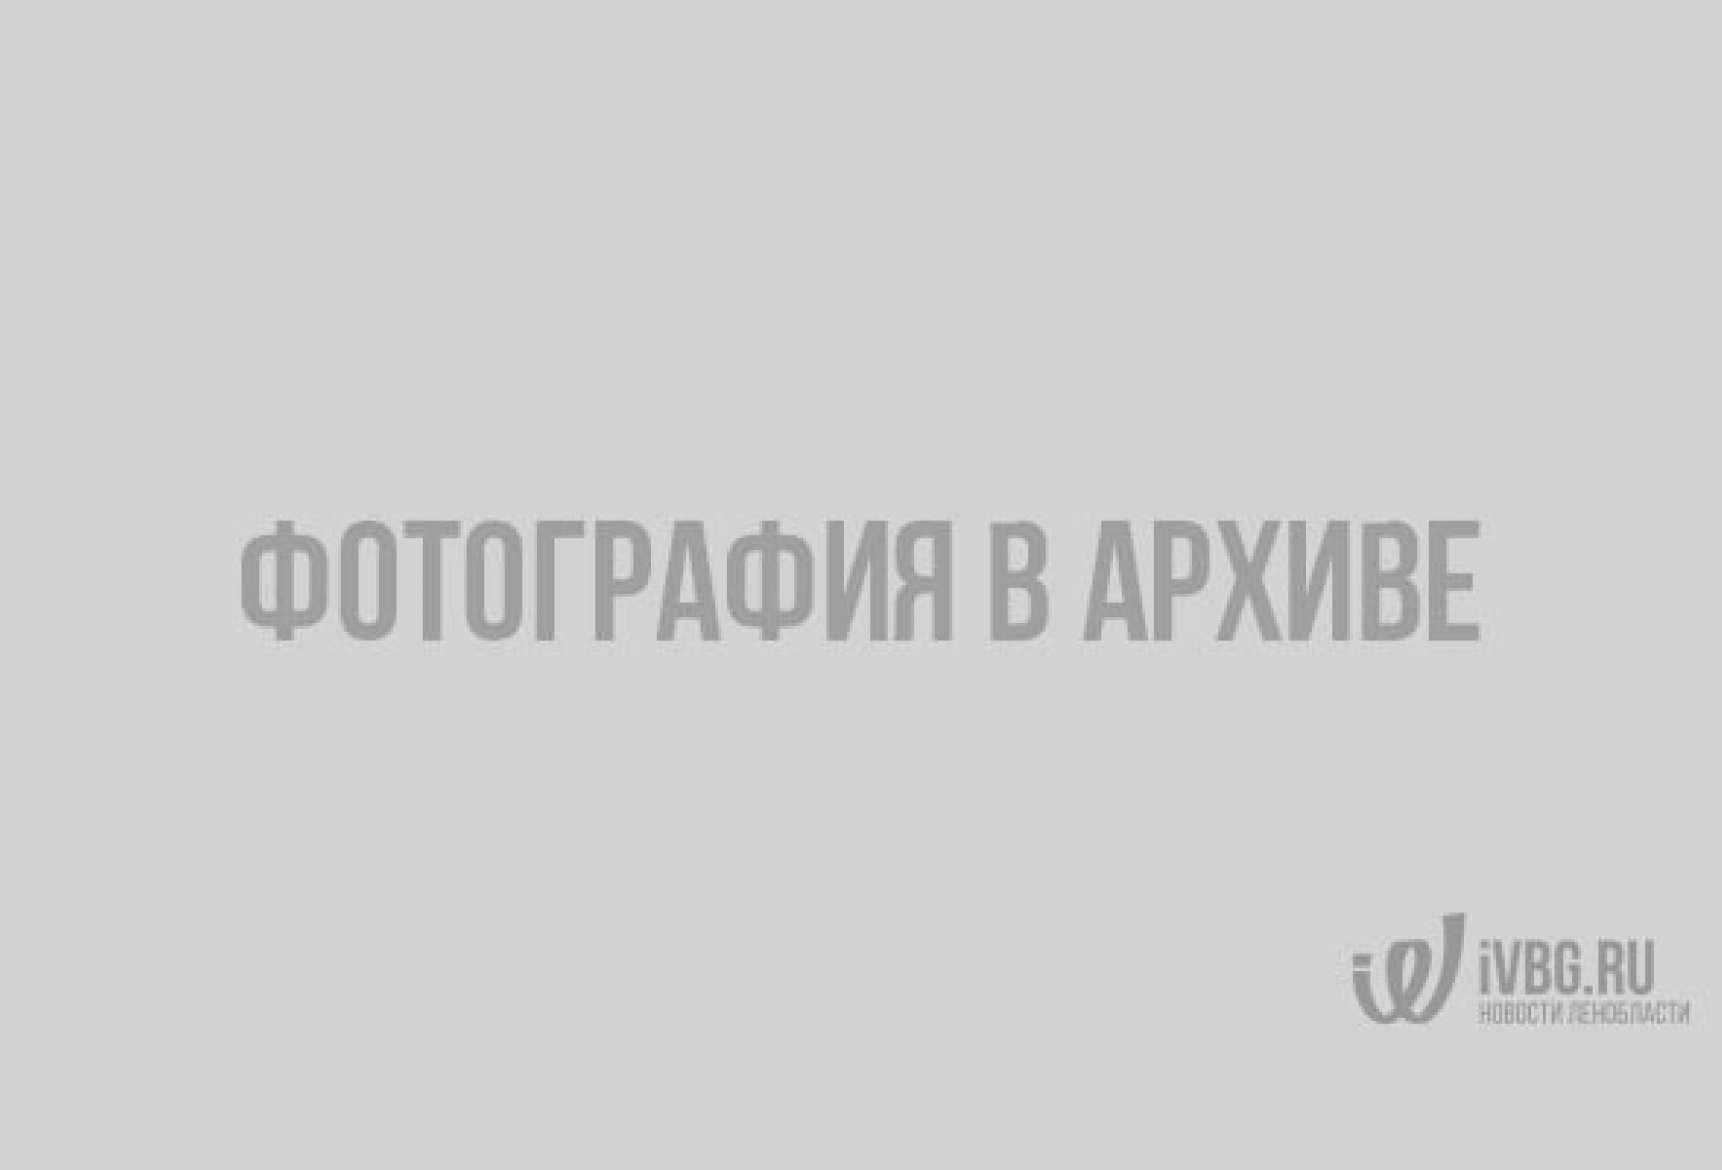 Картинки по запросу 8 марта советские плакаты